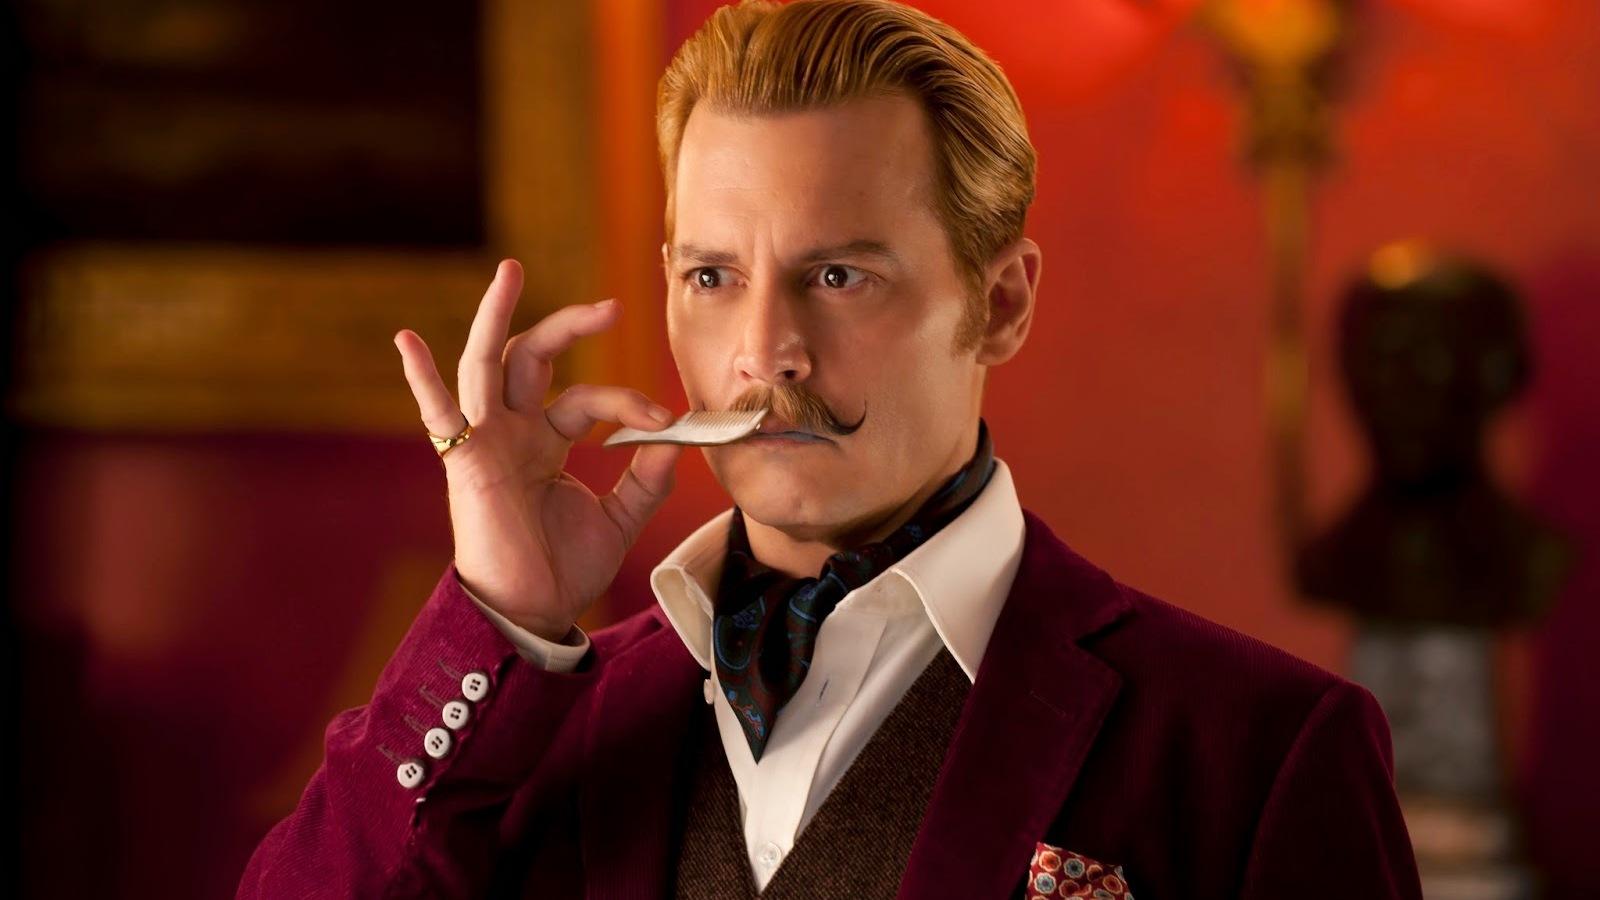 Johnny Depp laat je lachen in nieuwe trailer 'Mortdecai'